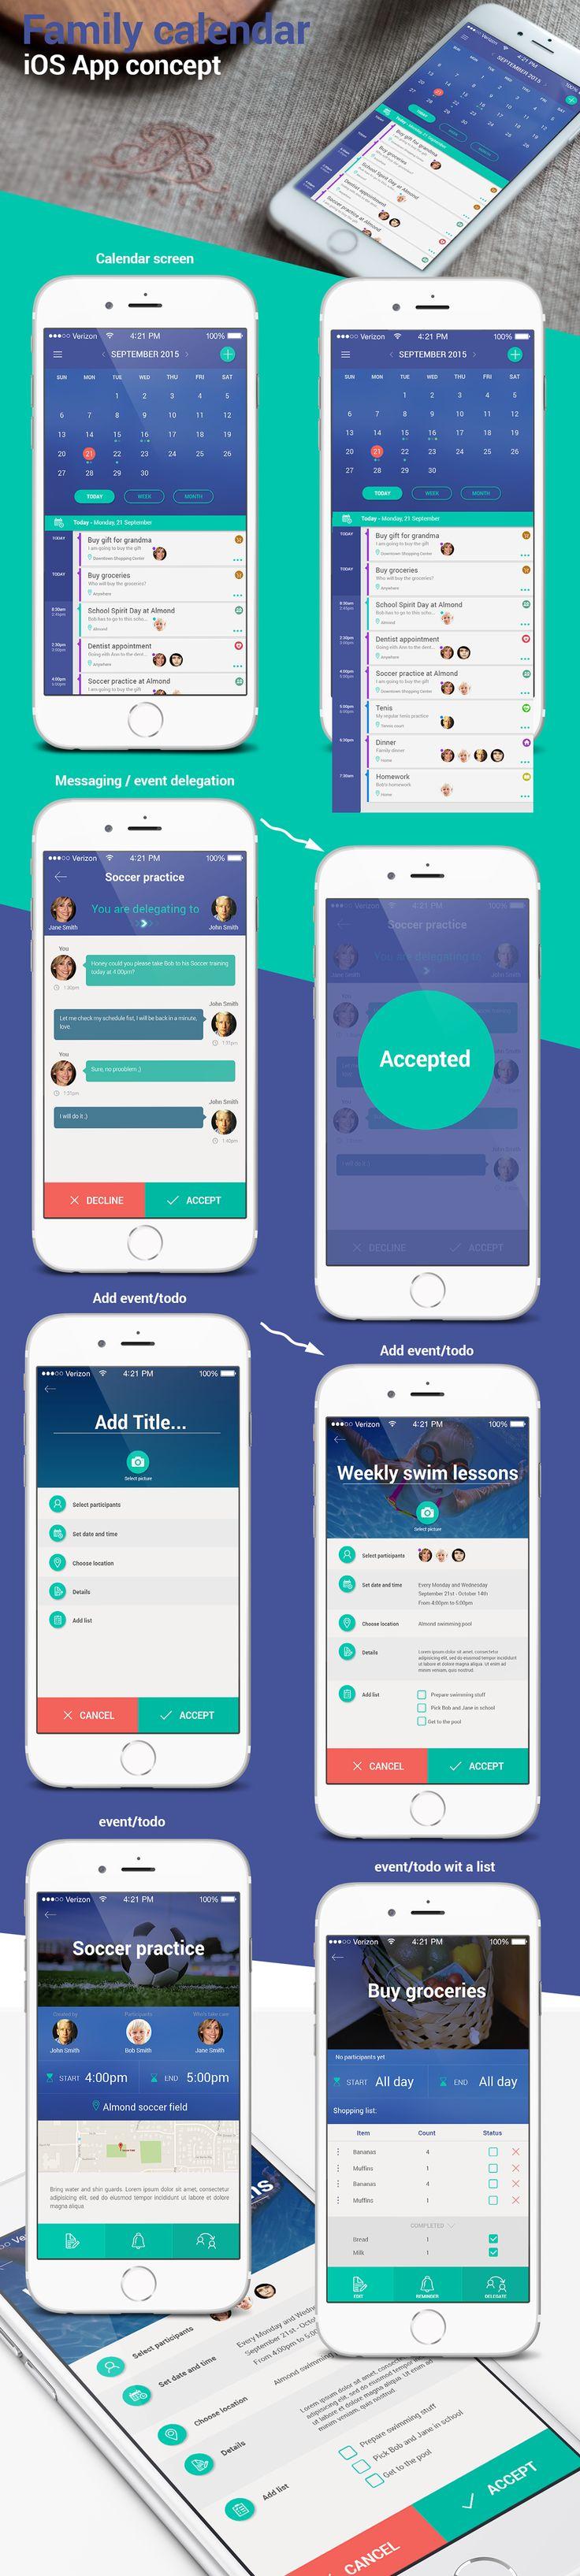 Family calendar iOS app concept on Behance